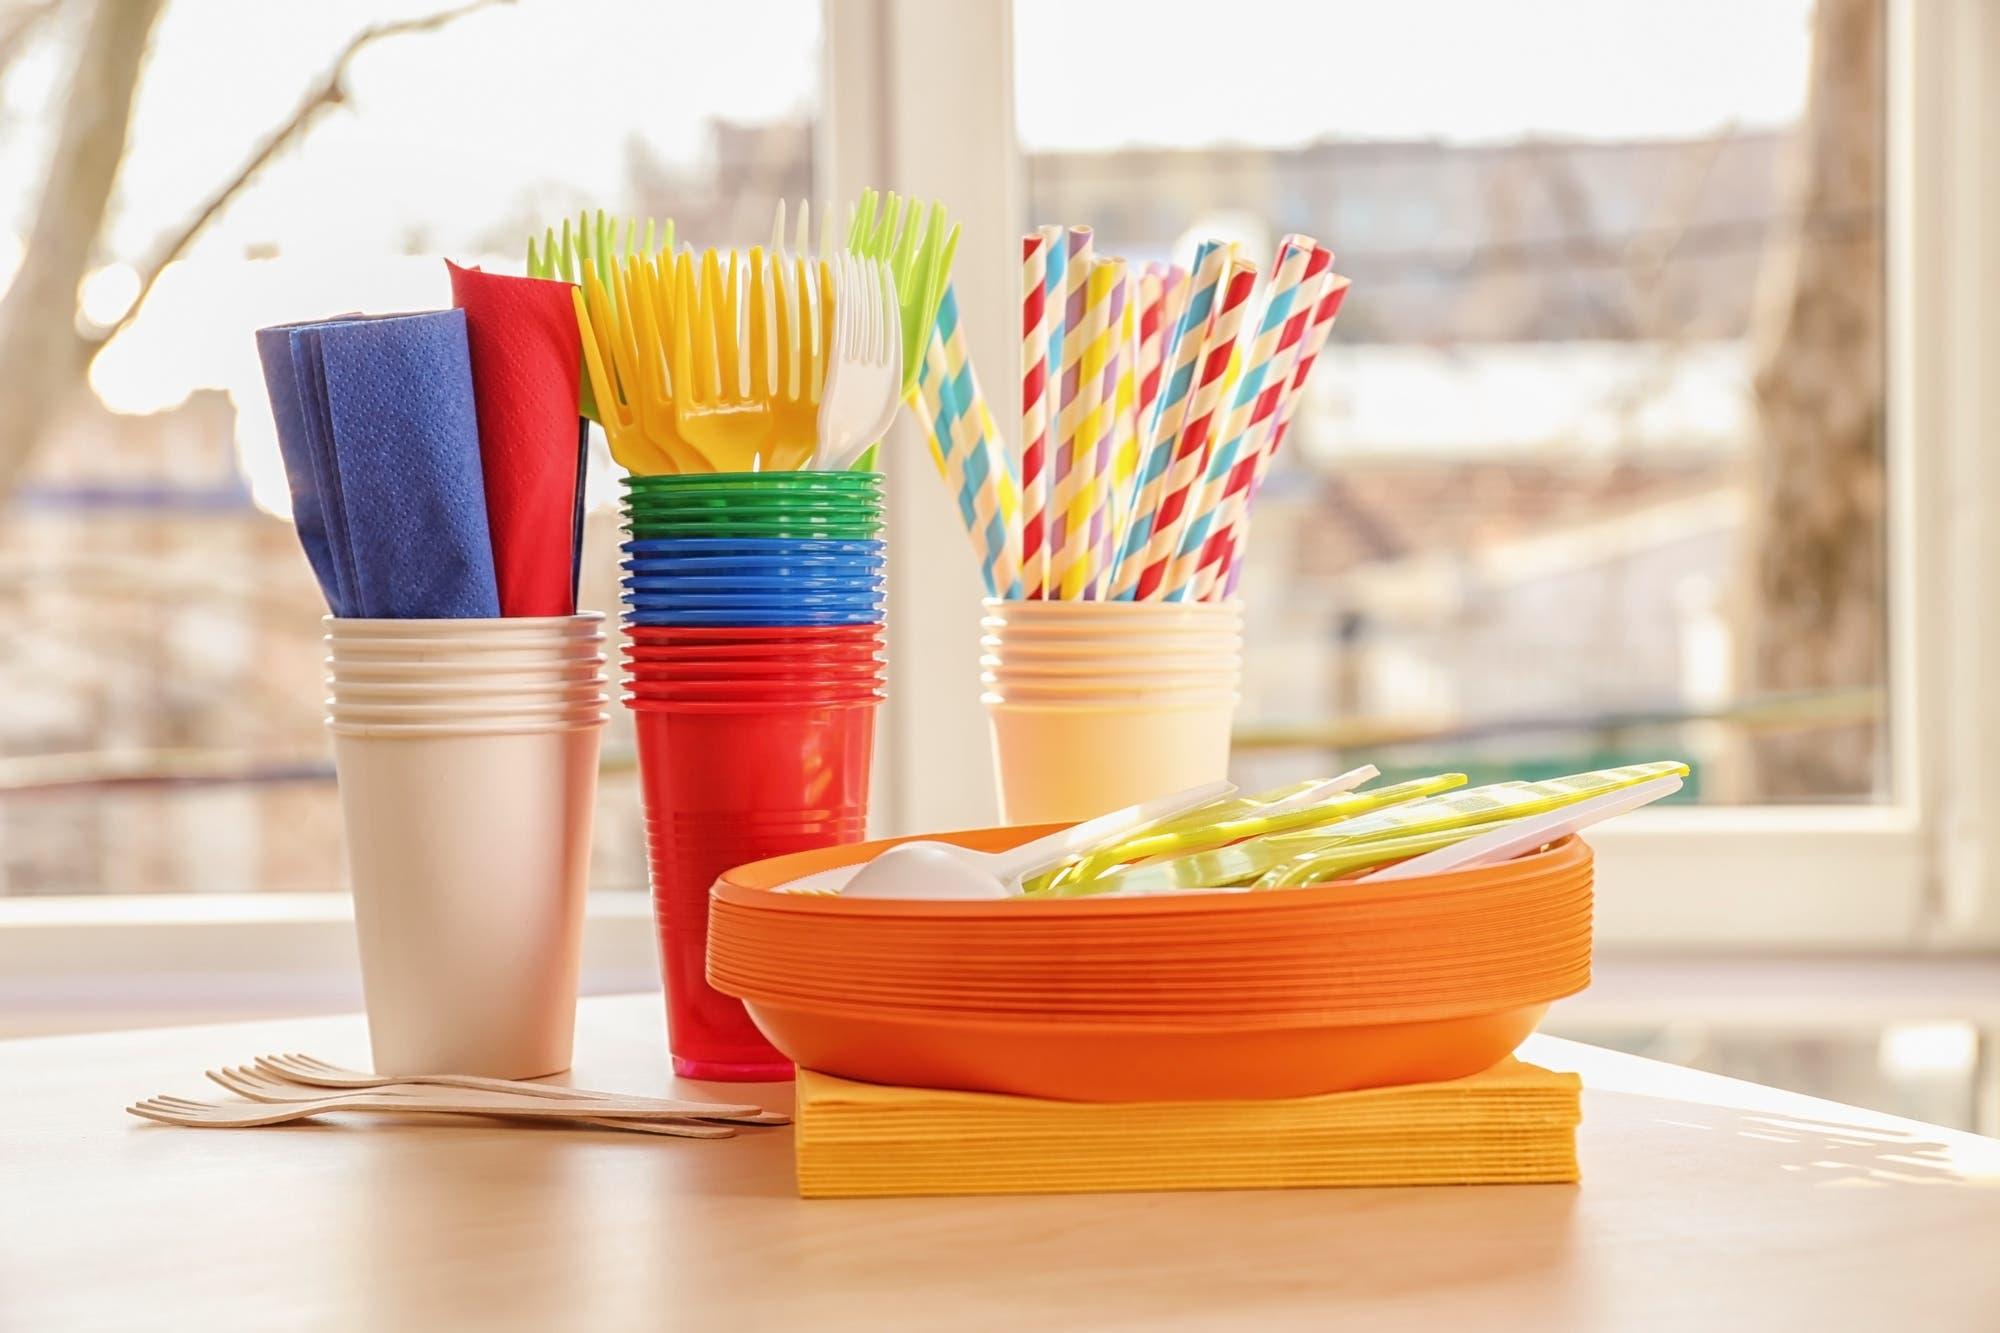 En Finlandia desarrollaron un revolucionario material natural para reemplazar el plástico